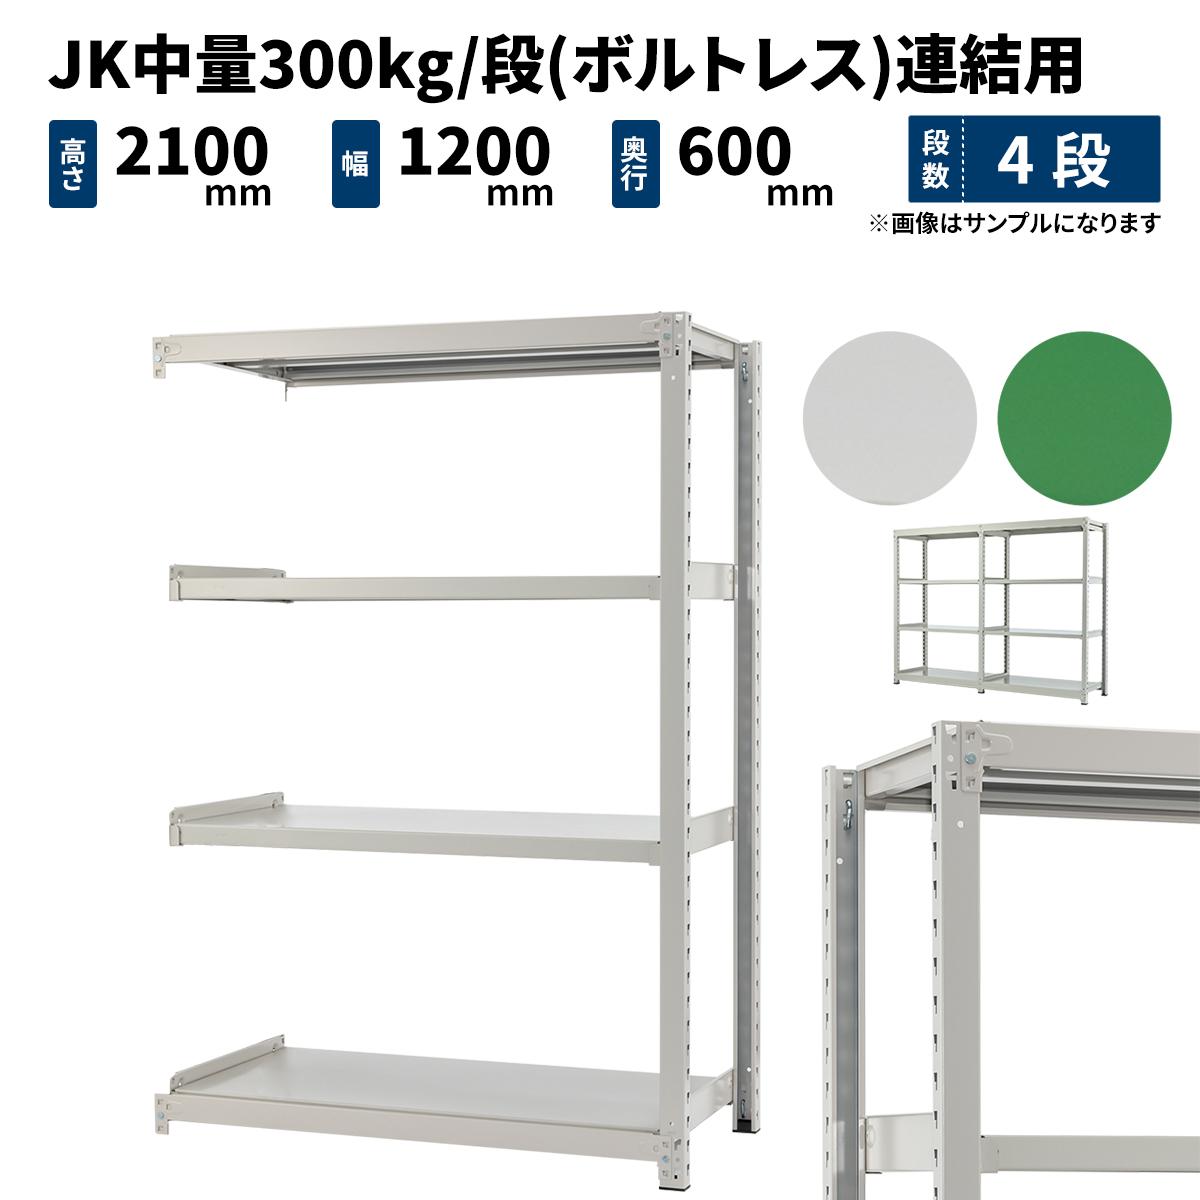 スチールラック 業務用 JK中量300kg/段(ボルトレス) 連結形式 高さ2100×幅1200×奥行600mm 4段 ホワイトグレー/グリーン (53kg) JK300_R-211206-4